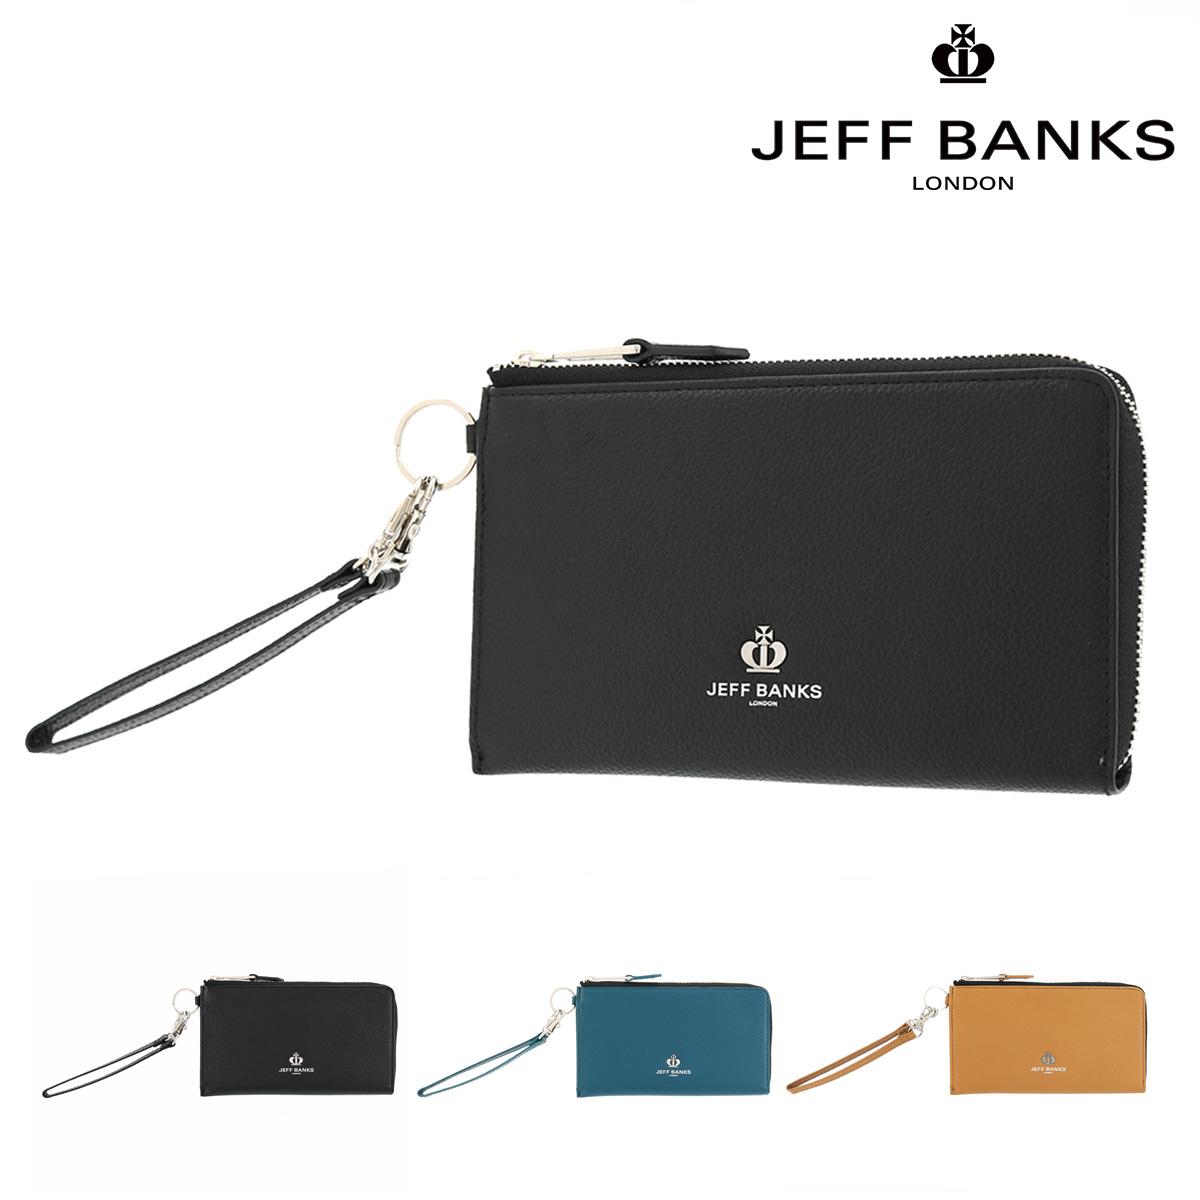 ジェフバンクス 長財布 フューチャー メンズ レディース JBP204 JEFF BANKS | スマホ対応 ストラップ付き 牛革 本革 レザー ブランド専用BOX付き [bef]